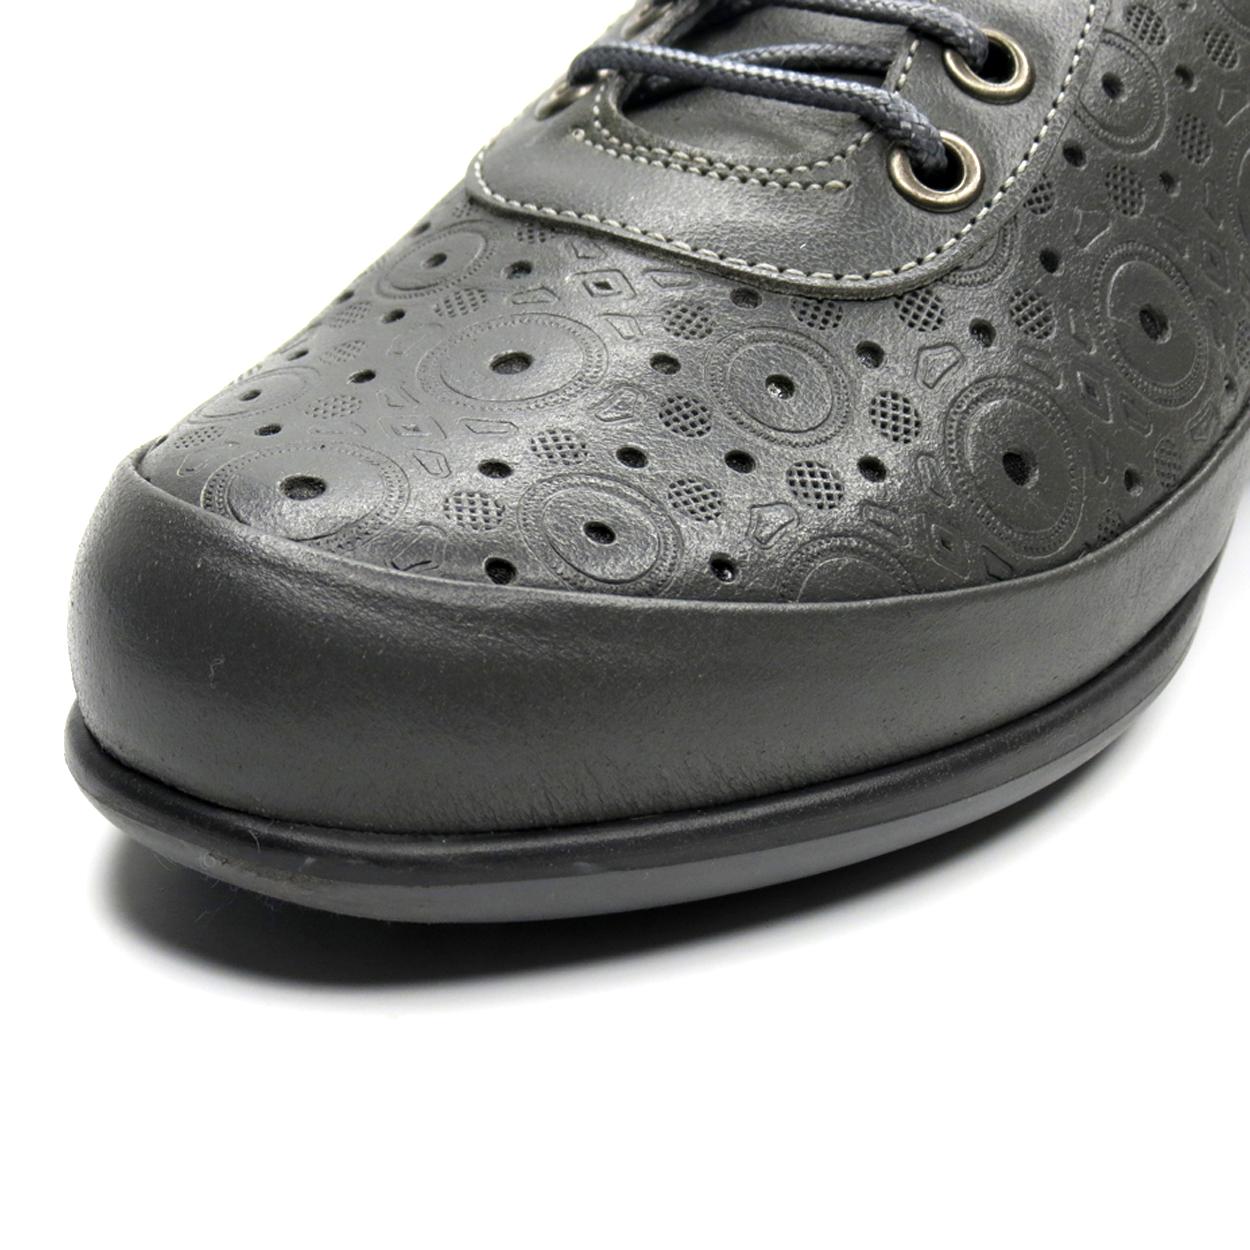 کفش روزمره زنانه آر اند دبلیو مدل 538 رنگ طوسی -  - 10